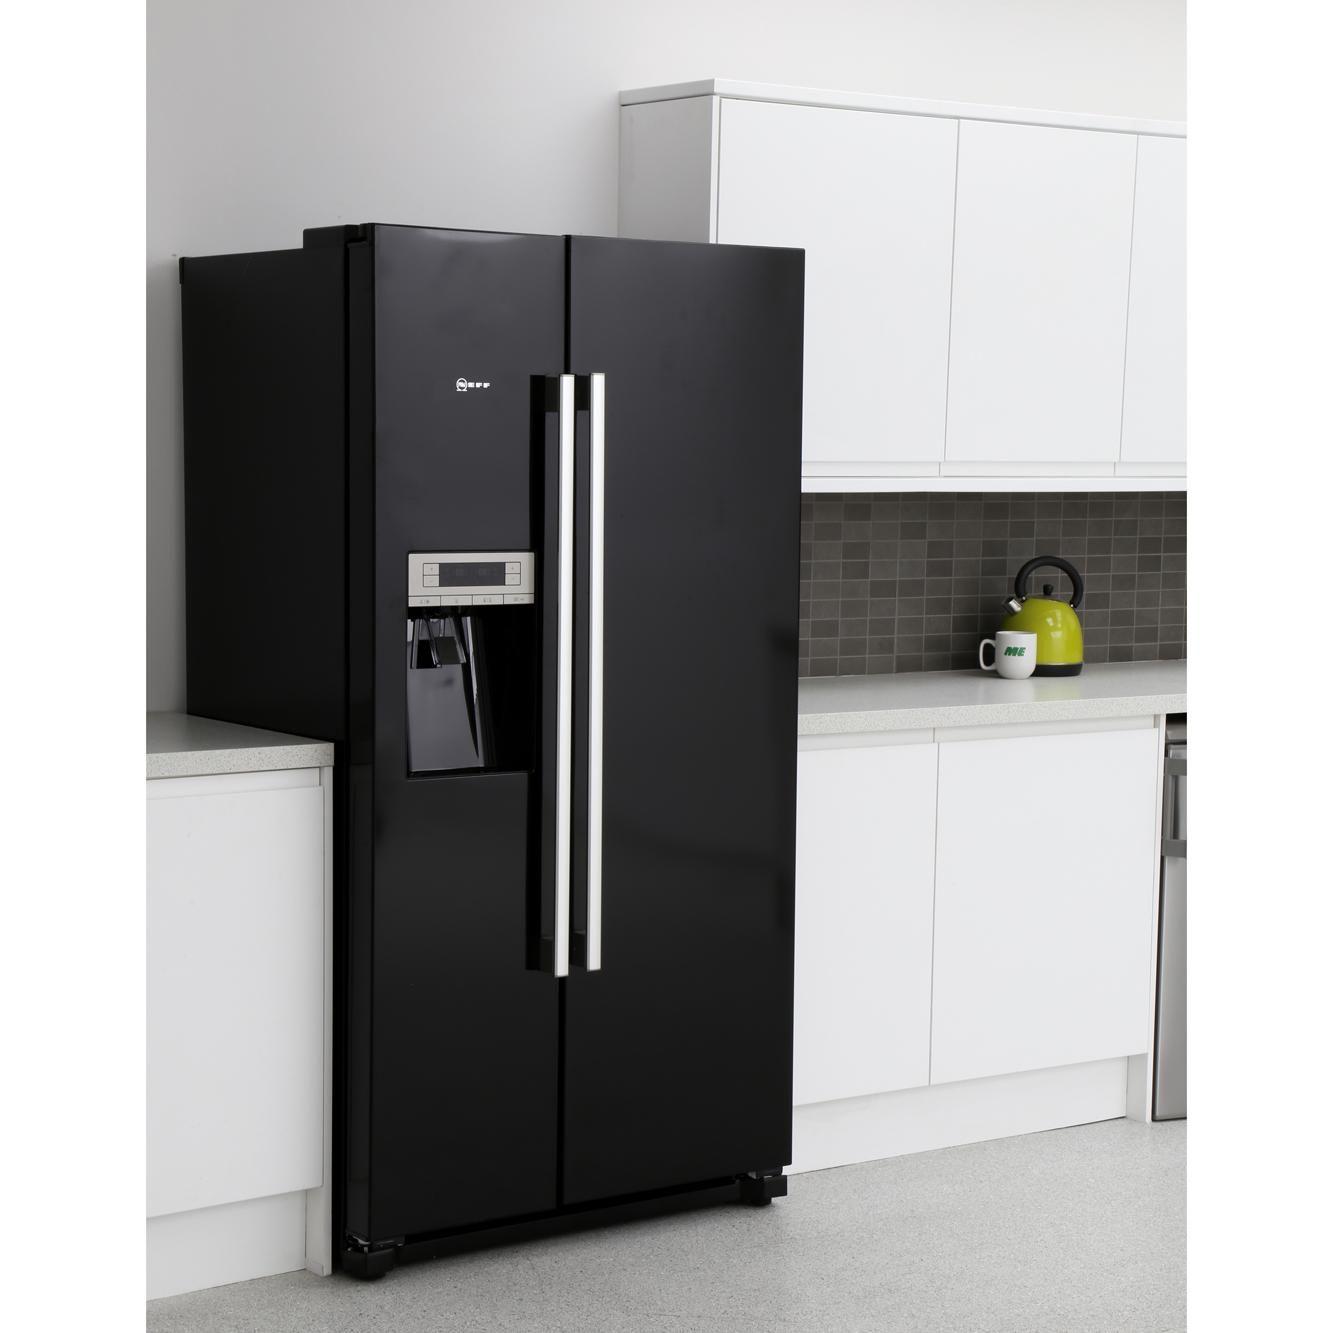 Buy Neff N50 Ka3902b20g American Fridge Freezer Ka3902b20g Black Marks Electrical American Fridge American Fridge Freezers Fridge Freezers